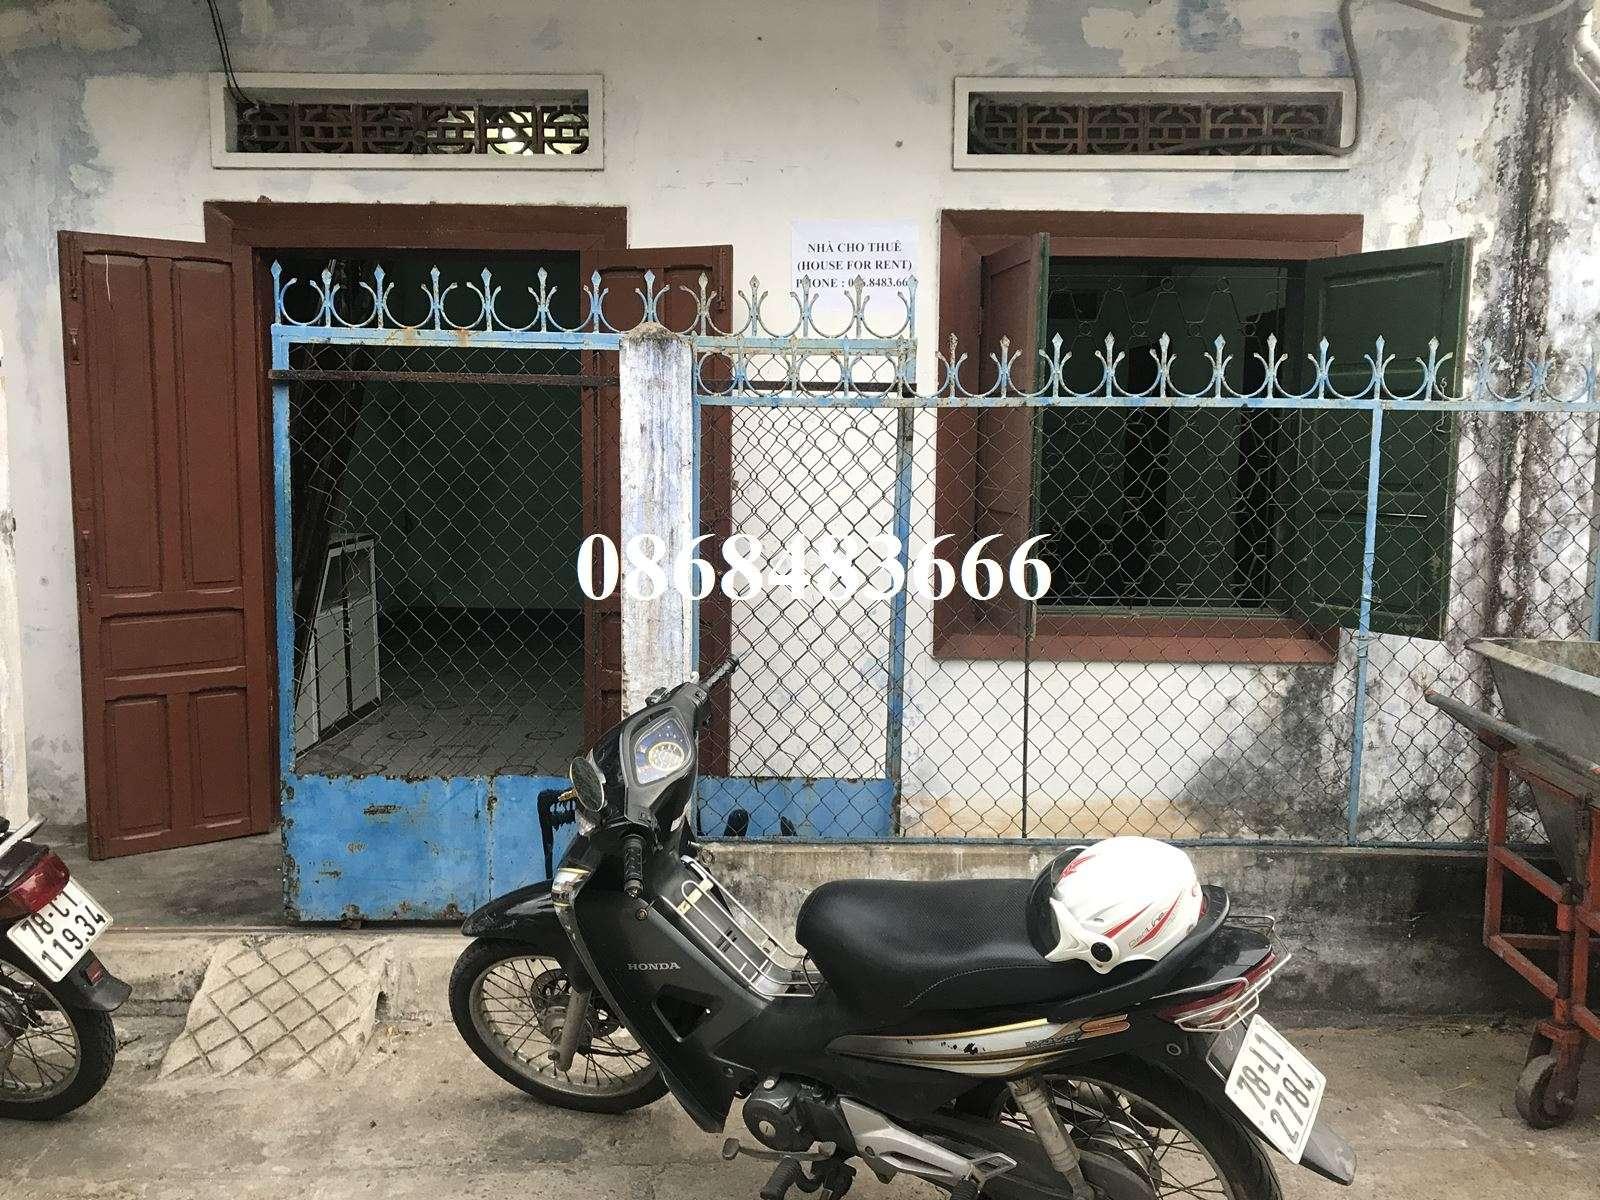 Cho Thuê Nhà 2 Tầng Nguyên Căn Hẽm Trần Hưng Đạo, Tuy Hòa, Phú Yên